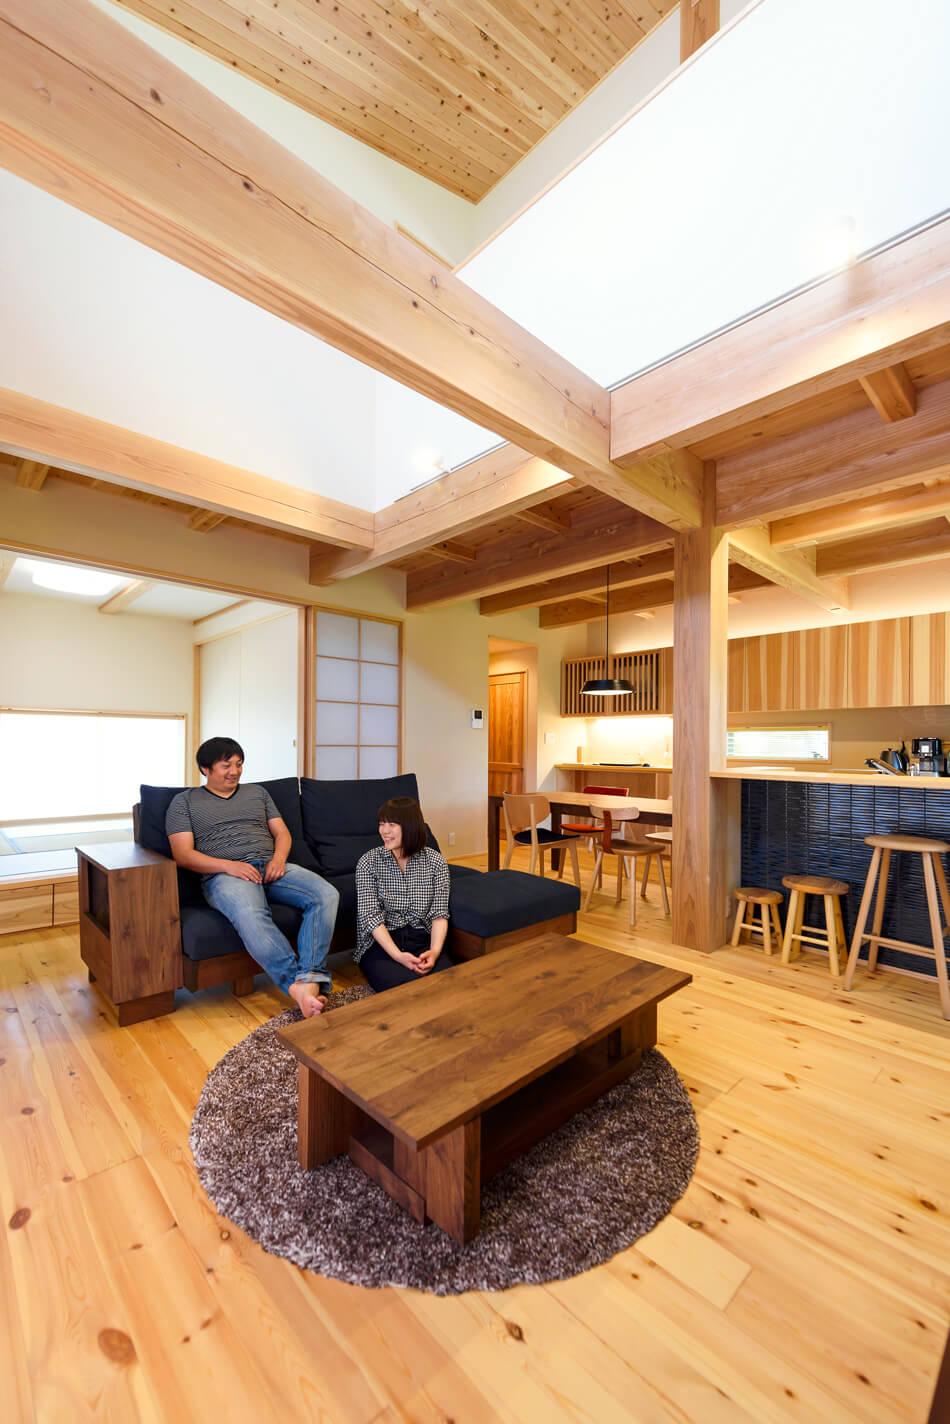 木の家|熊本の新築建築事例|2階建|4LDK|リビング|エコワークス|CASE-19|内観06